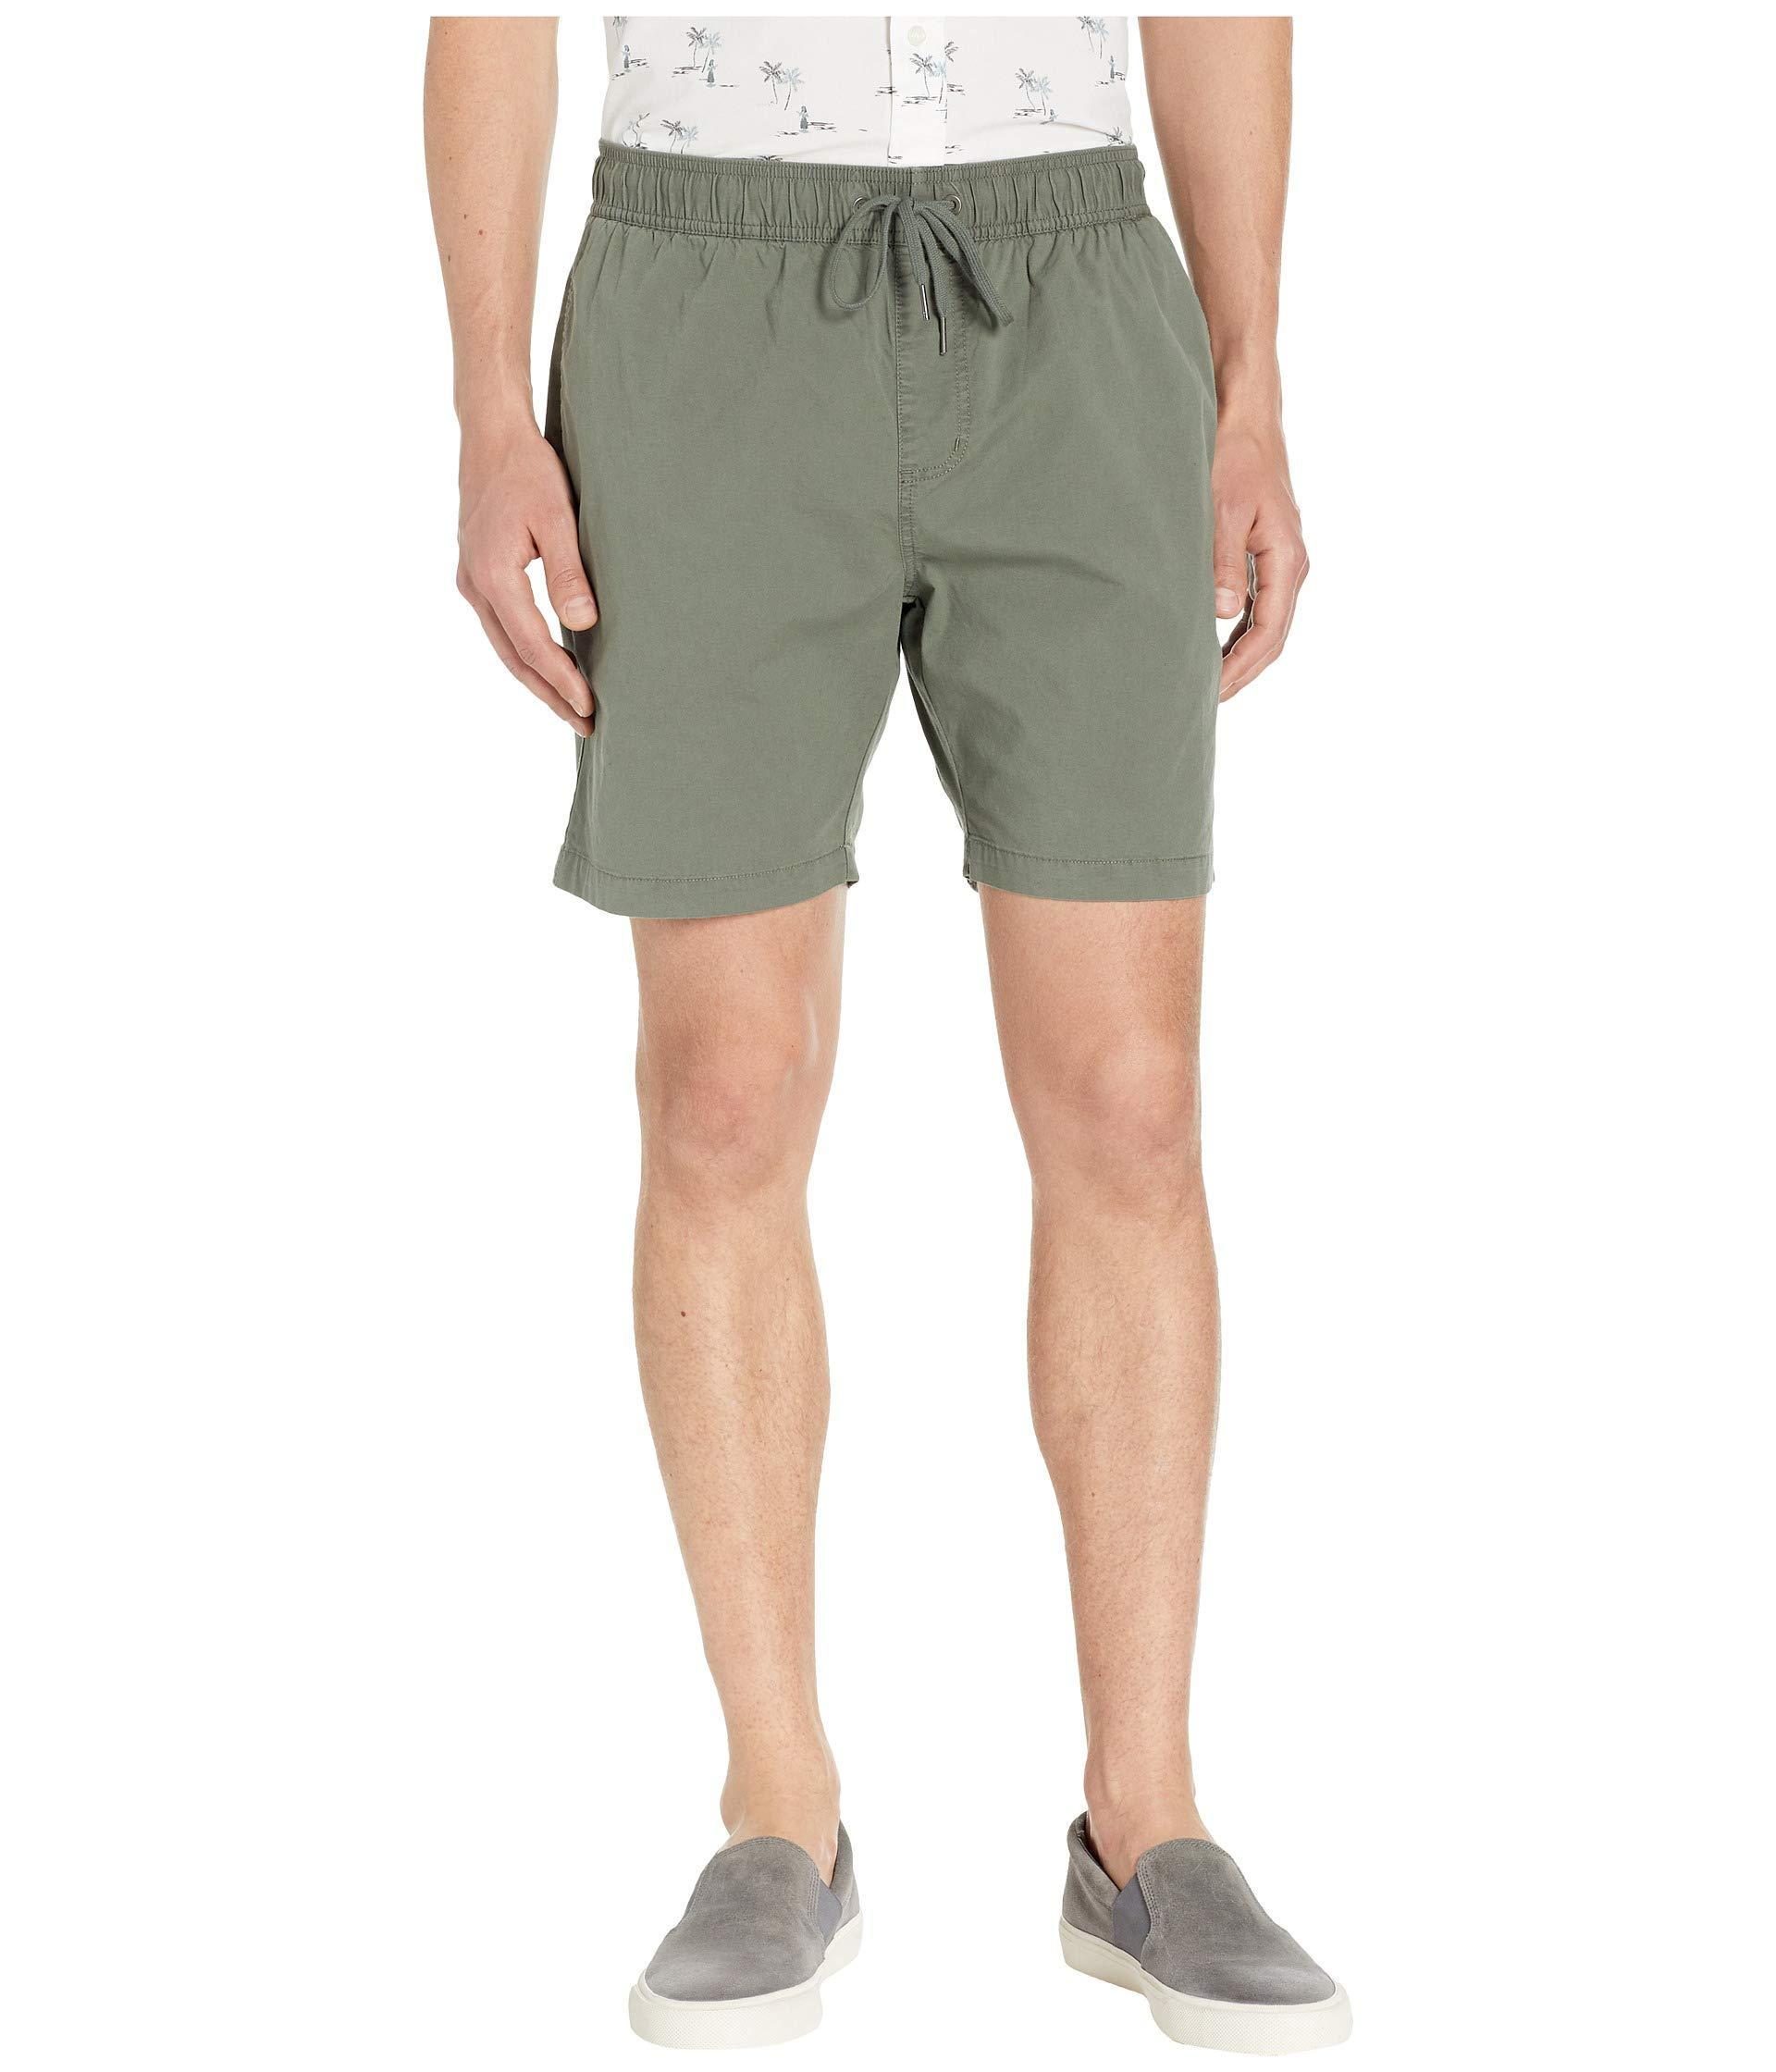 f2d7ec3ed82 Lyst - Billabong Larry Layback (khaki) Men's Swimwear in Green for Men